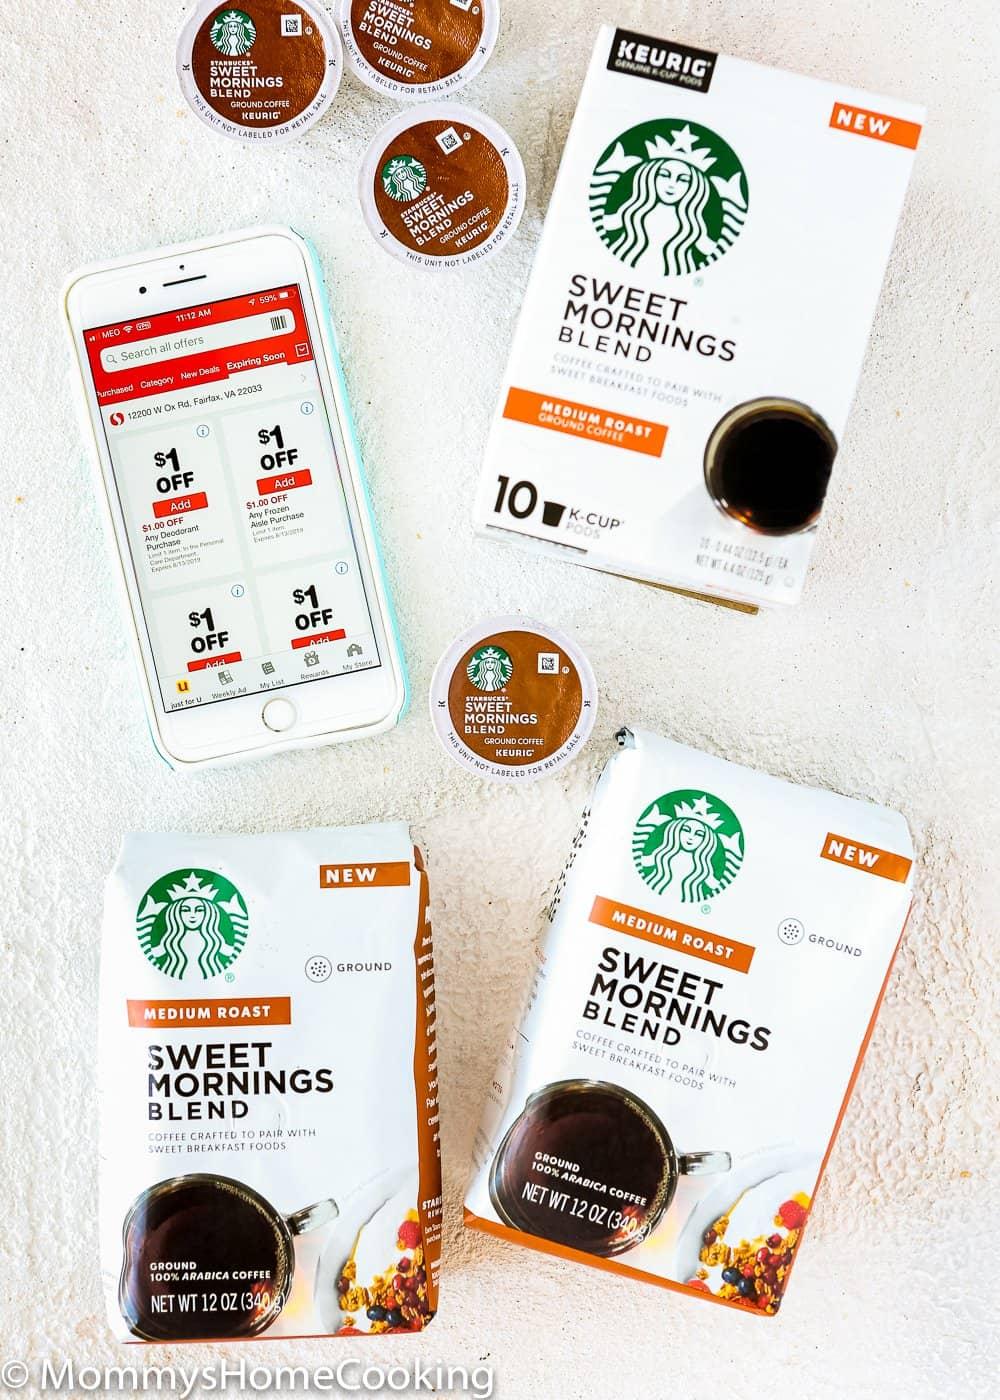 Sweet Morning Startbuck Coffee at Safeway